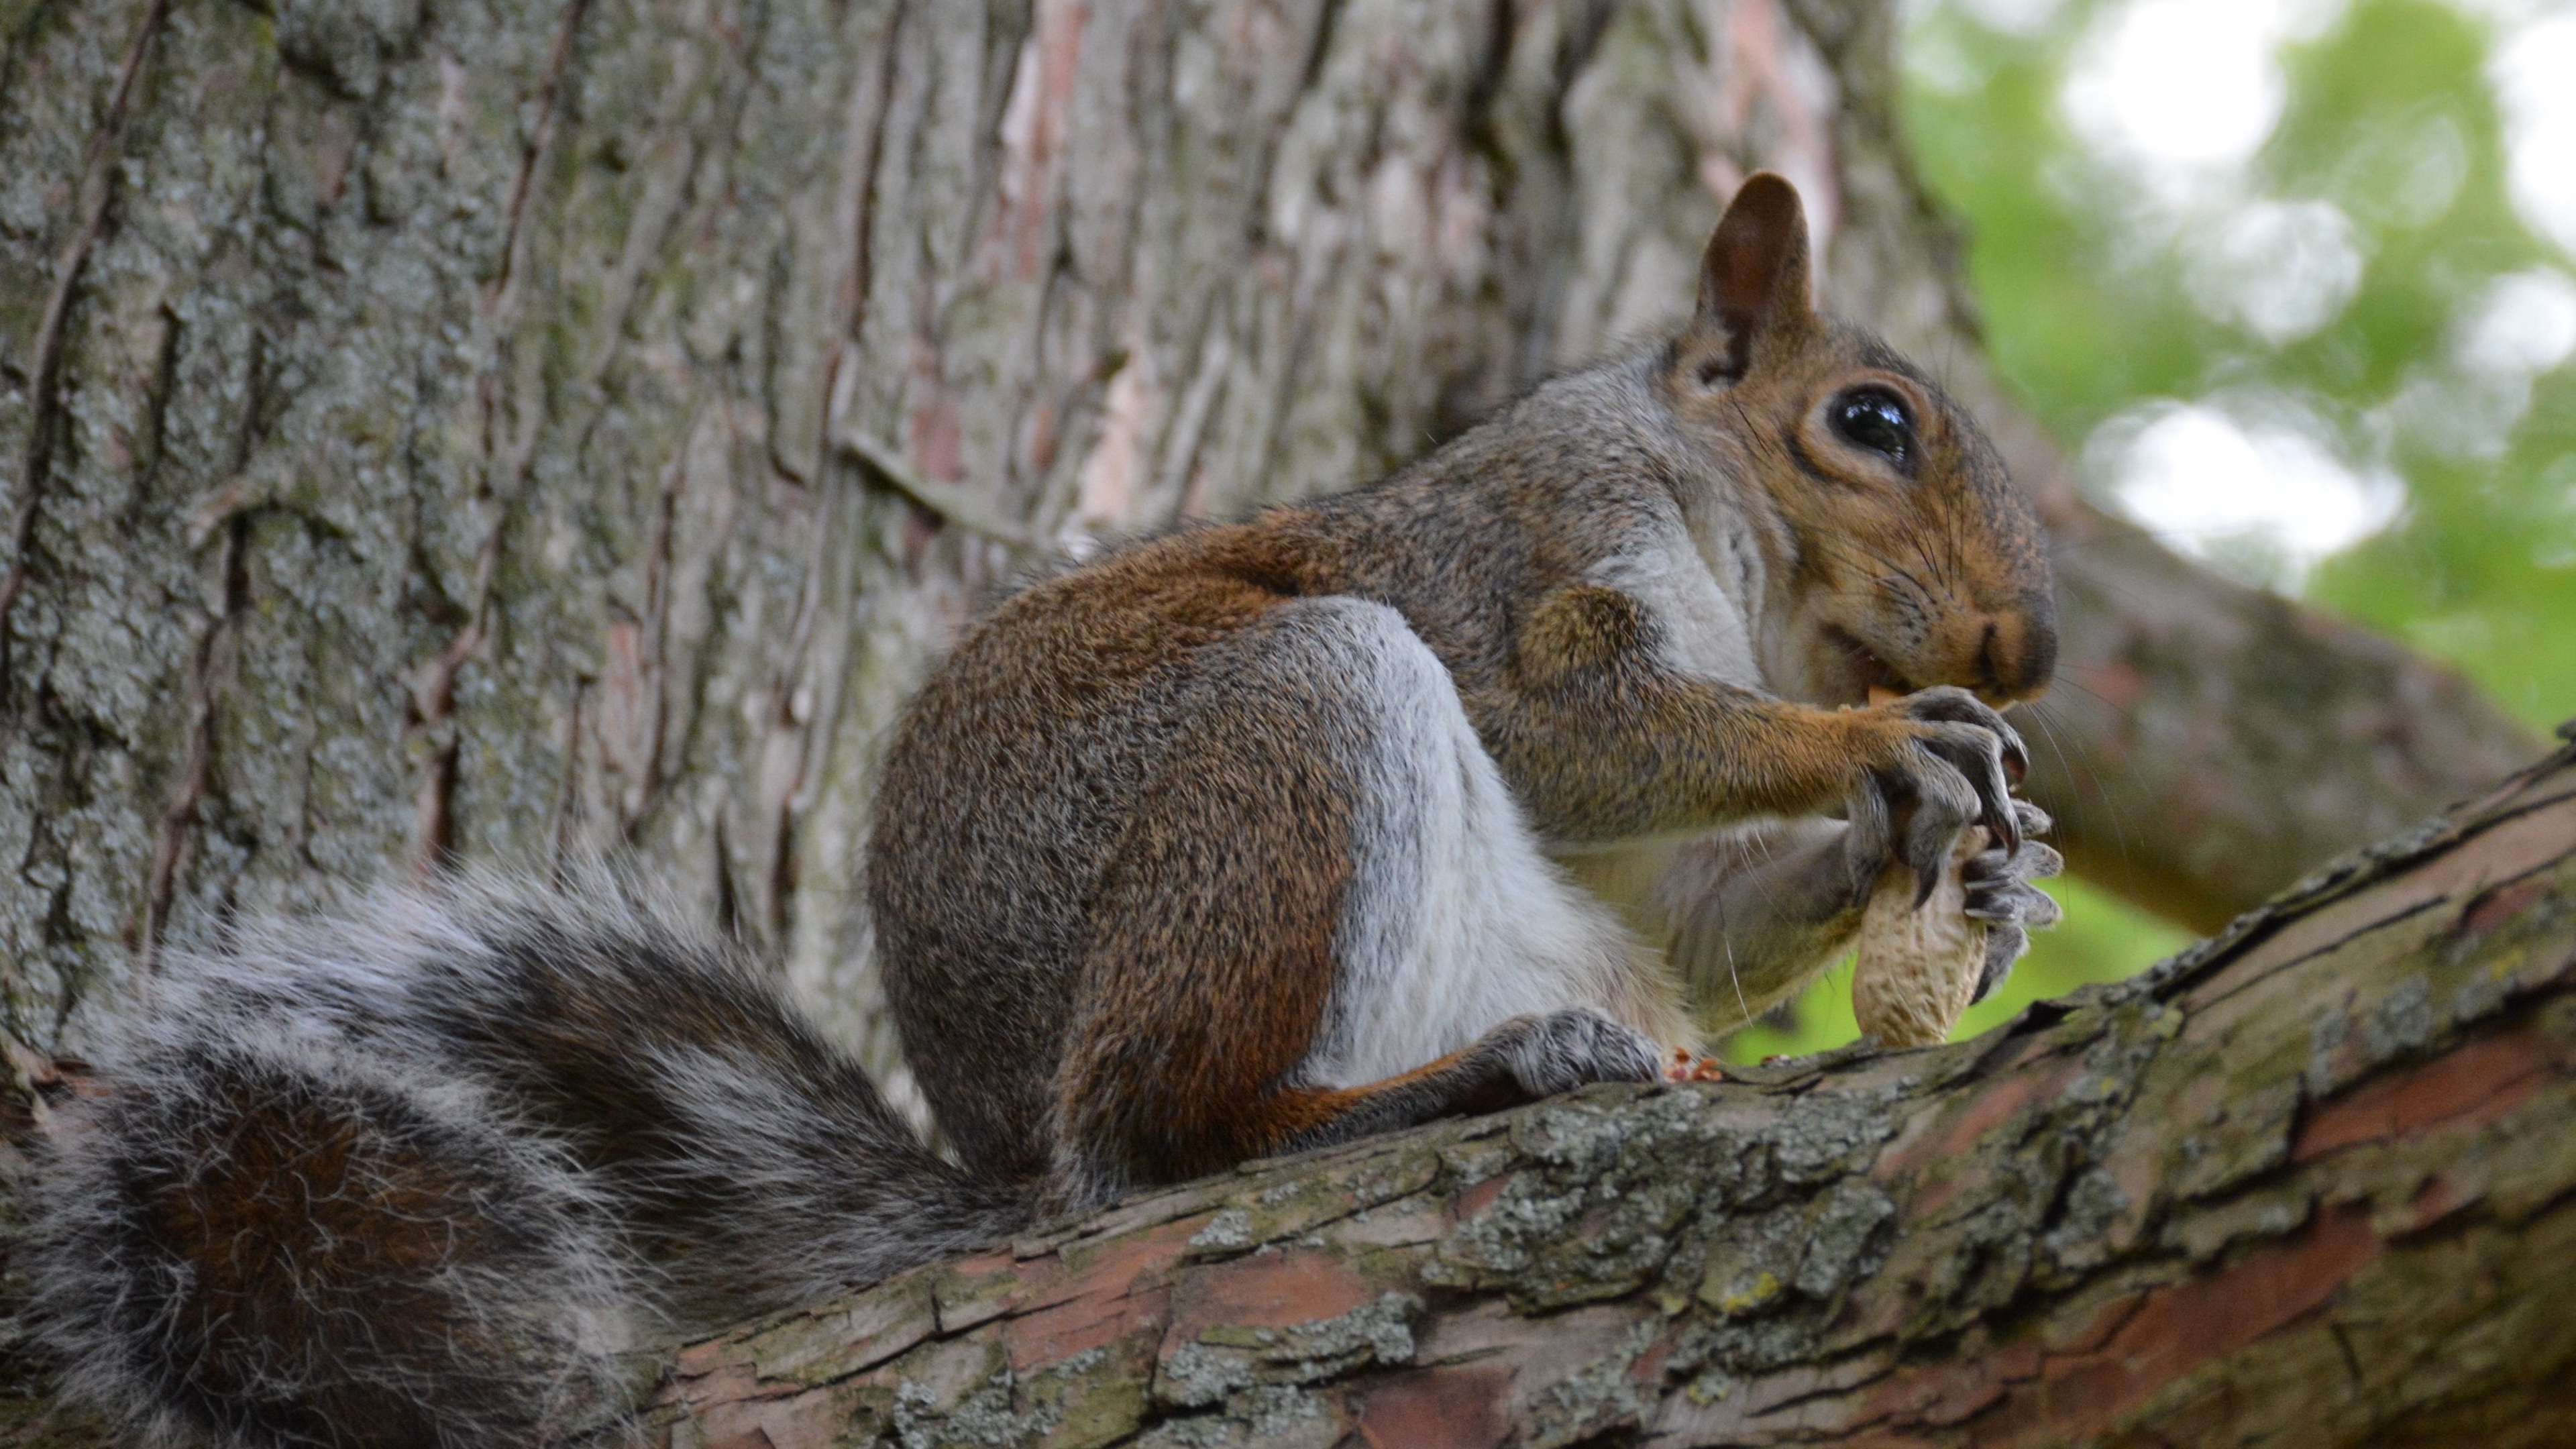 squirrel bark nuts animal 4k 1542242346 - squirrel, bark, nuts, animal 4k - Squirrel, nuts, bark